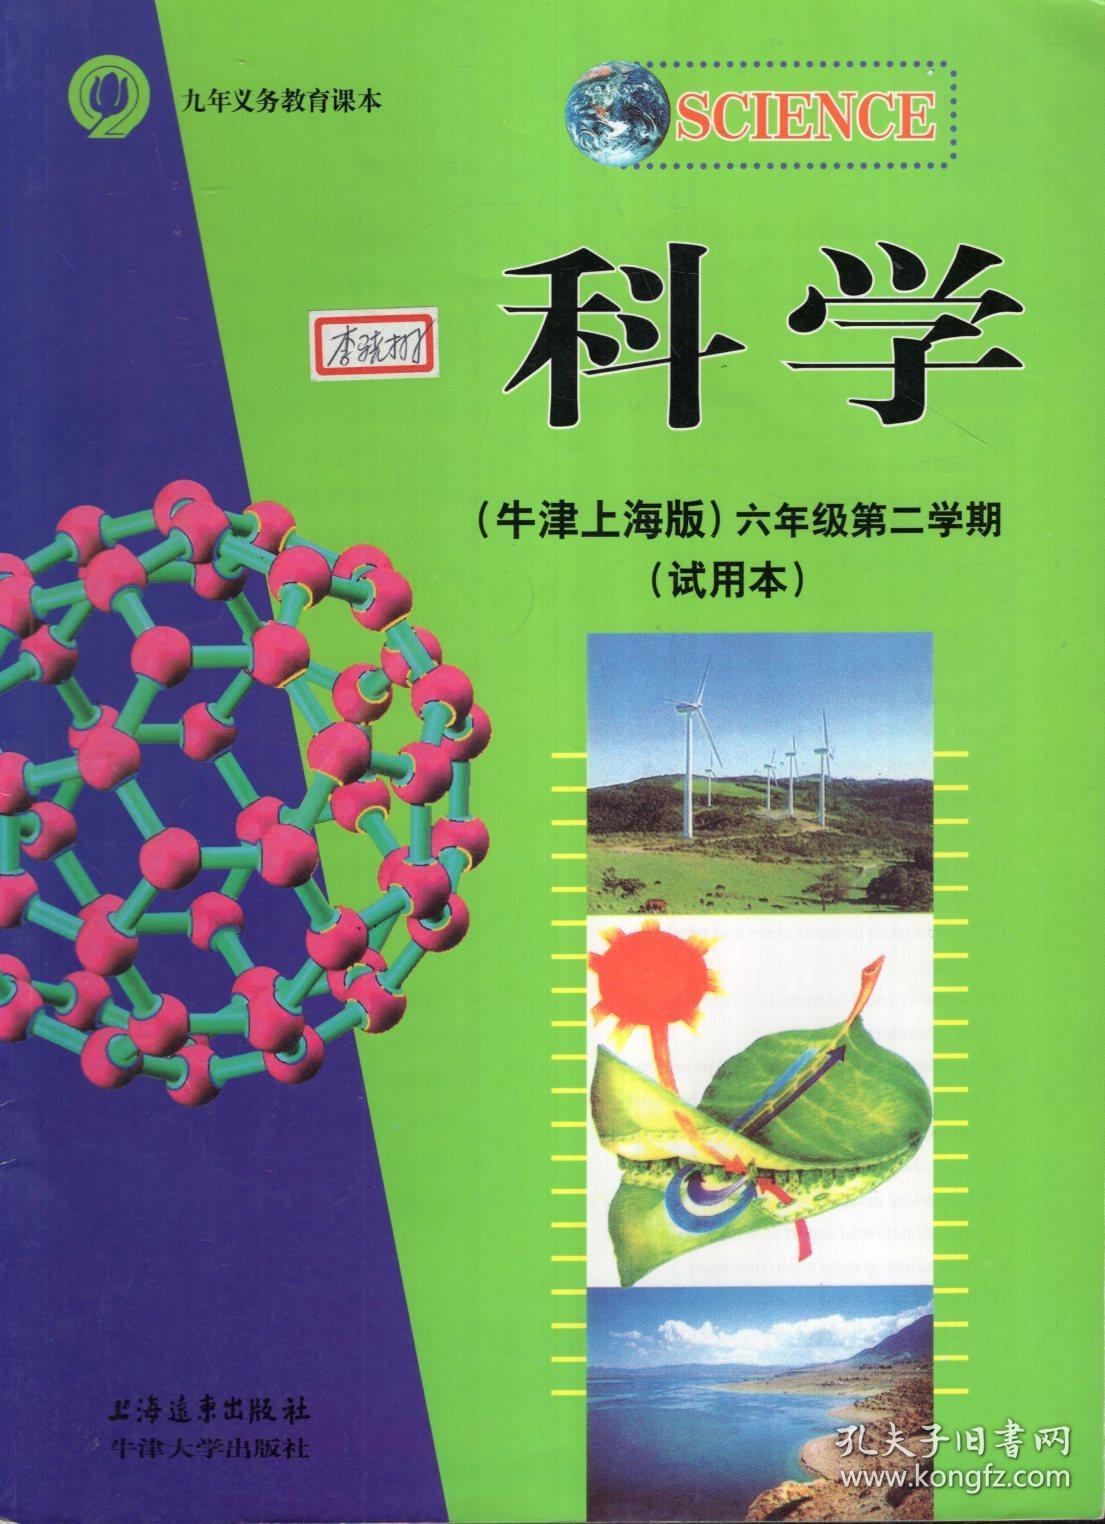 九年义务教育课本.科学(牛津上海版)六年级第二学期(试用本)图片